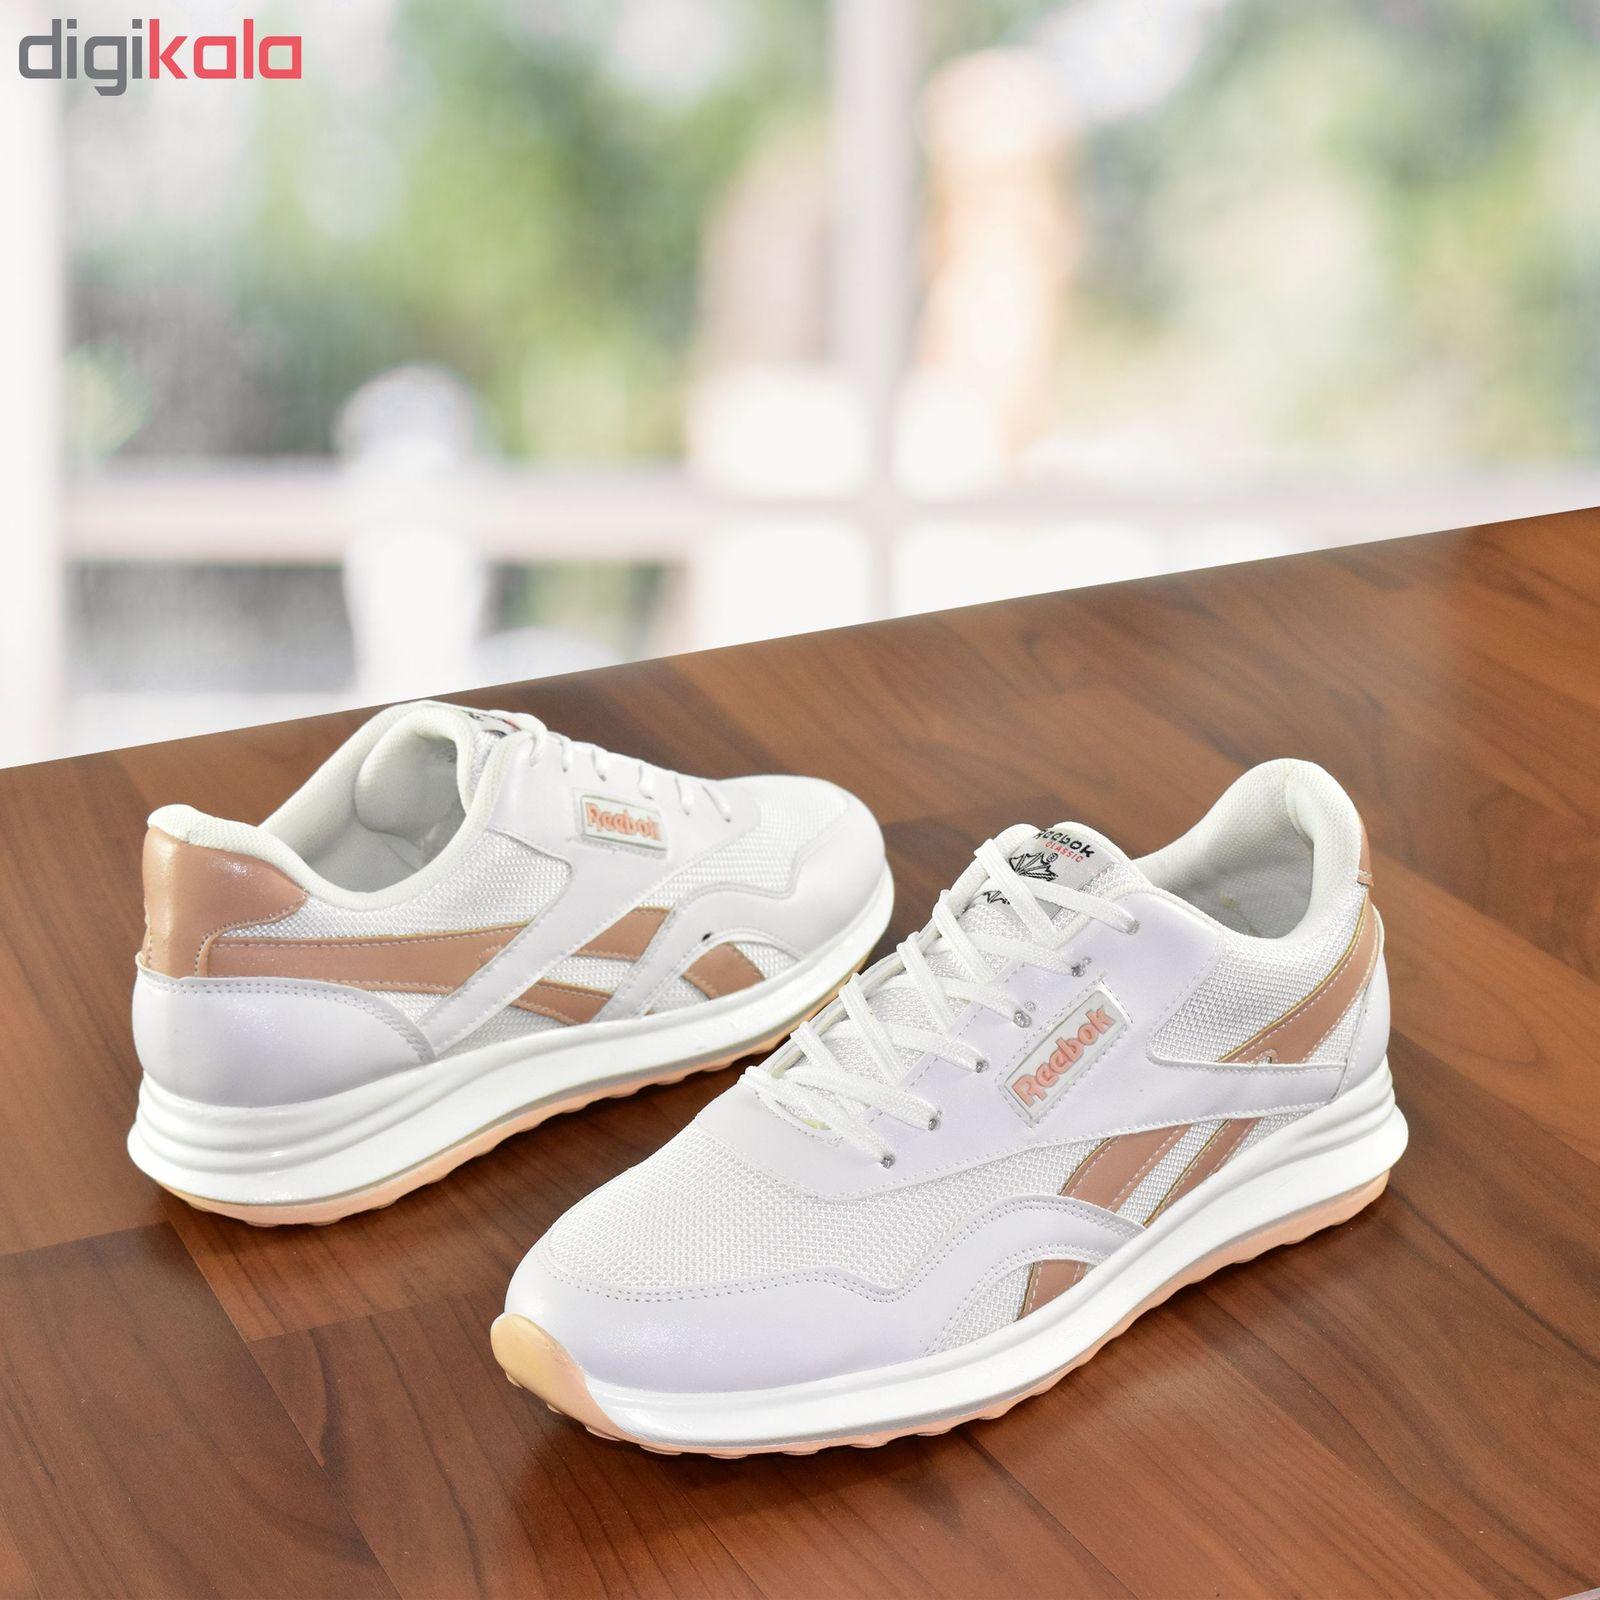 کفش پیاده روی زنانه مدل هامون کد 4692 main 1 5